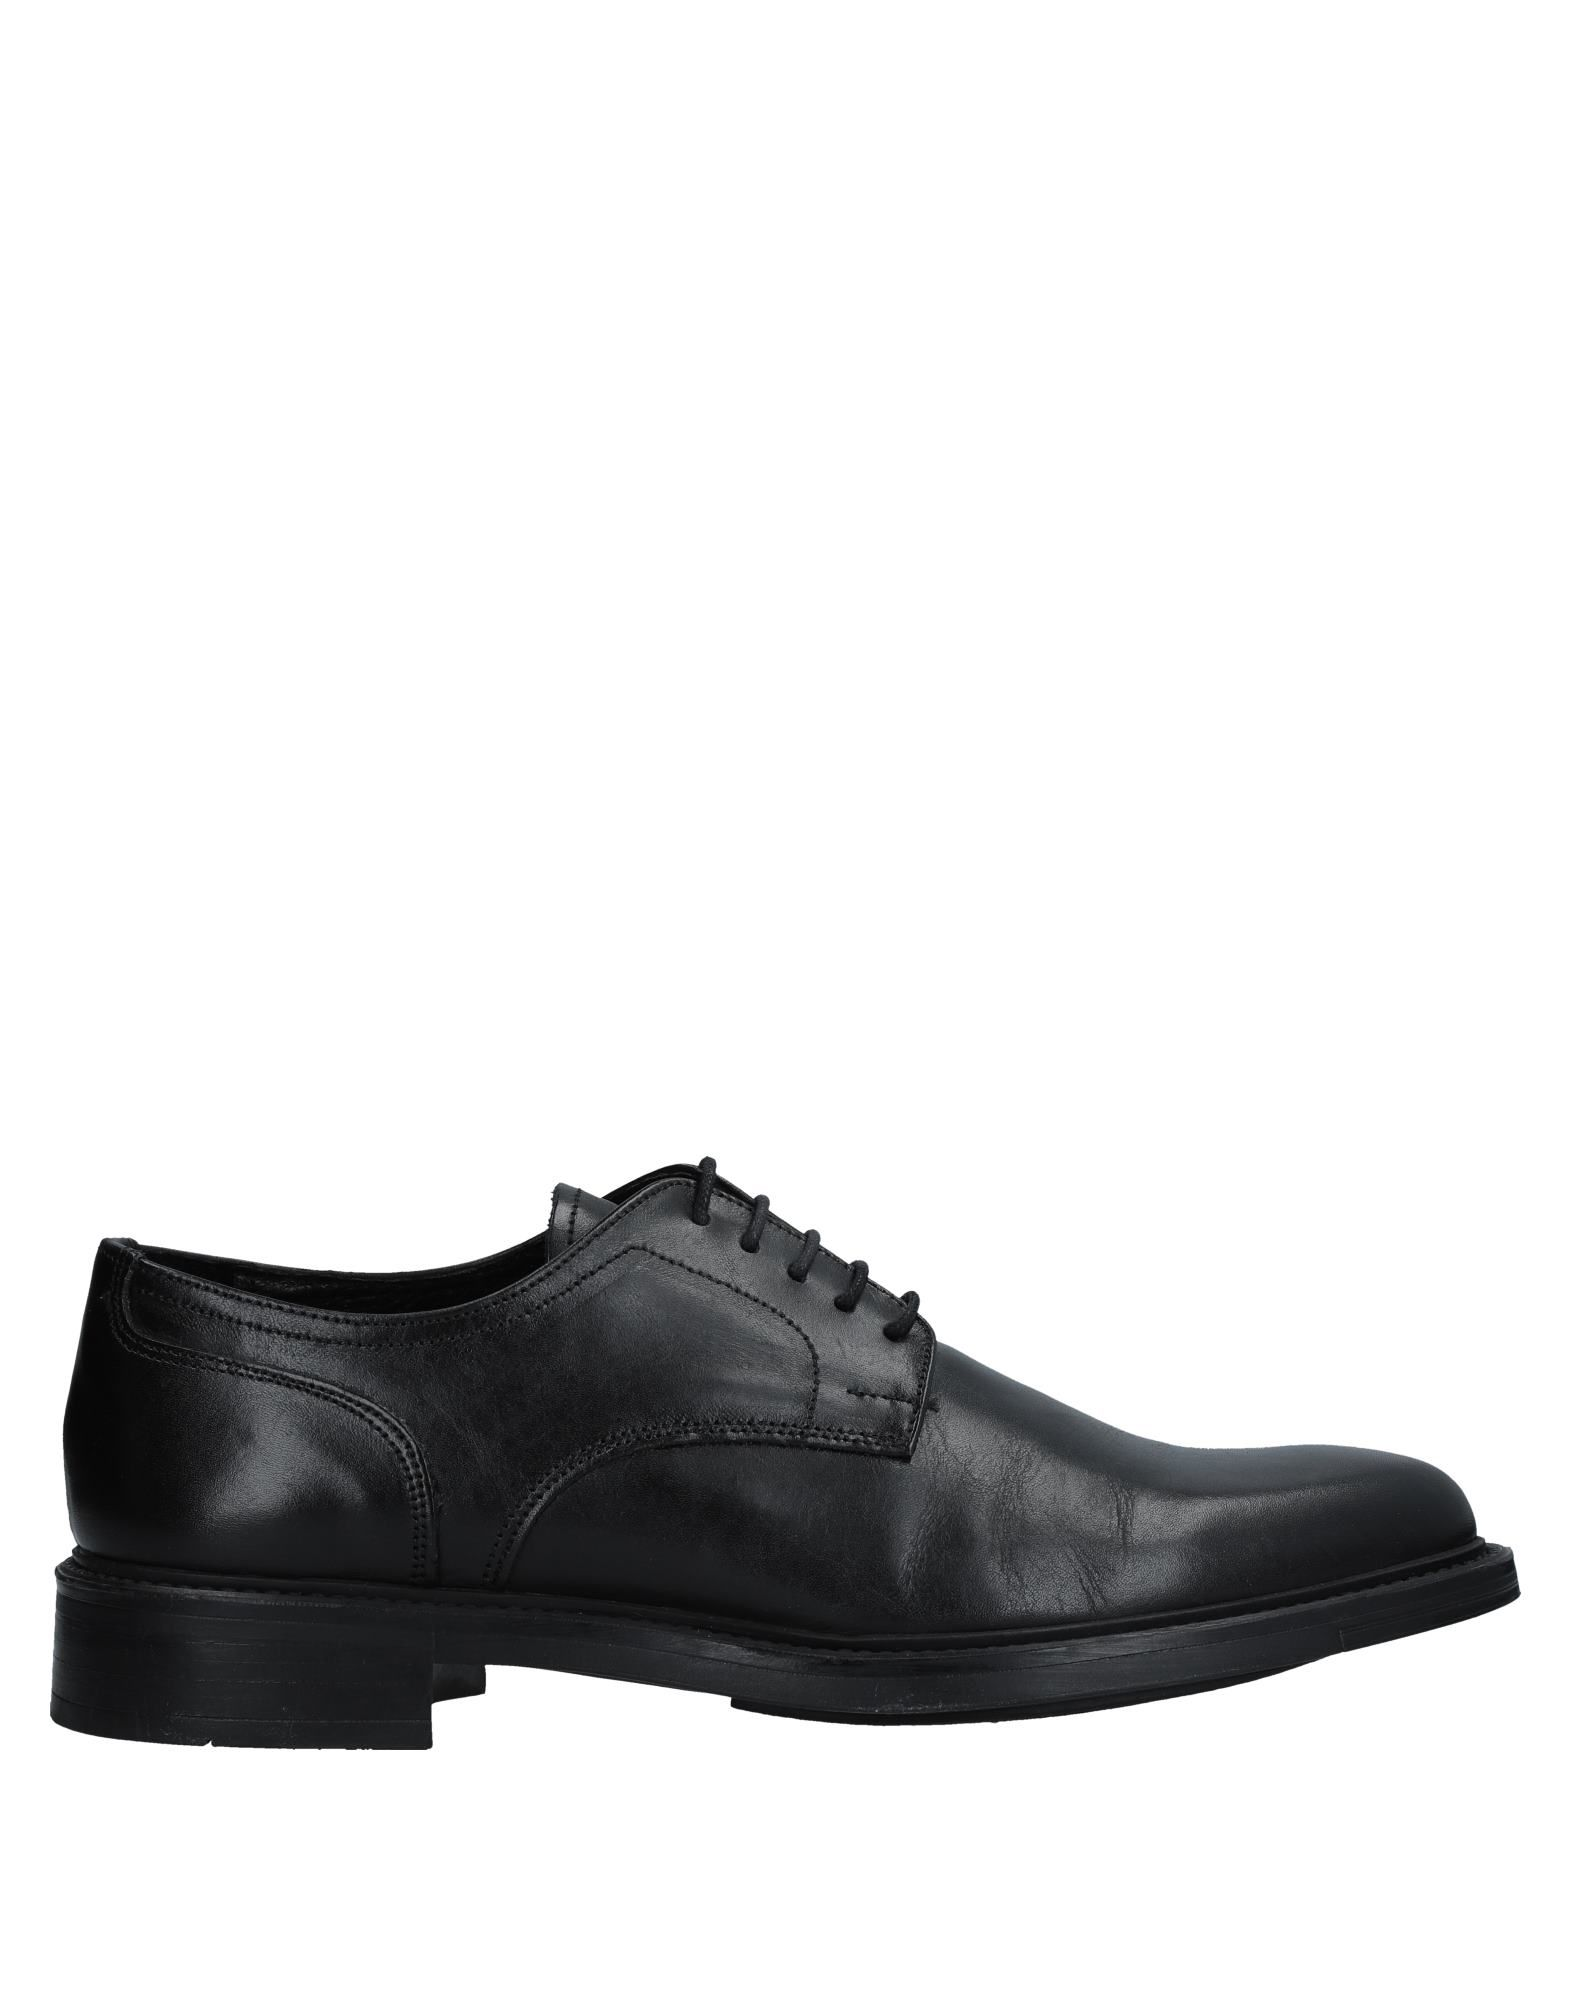 Rabatt echte Schuhe Duca Di Genova Schnürschuhe Herren  11540594MD